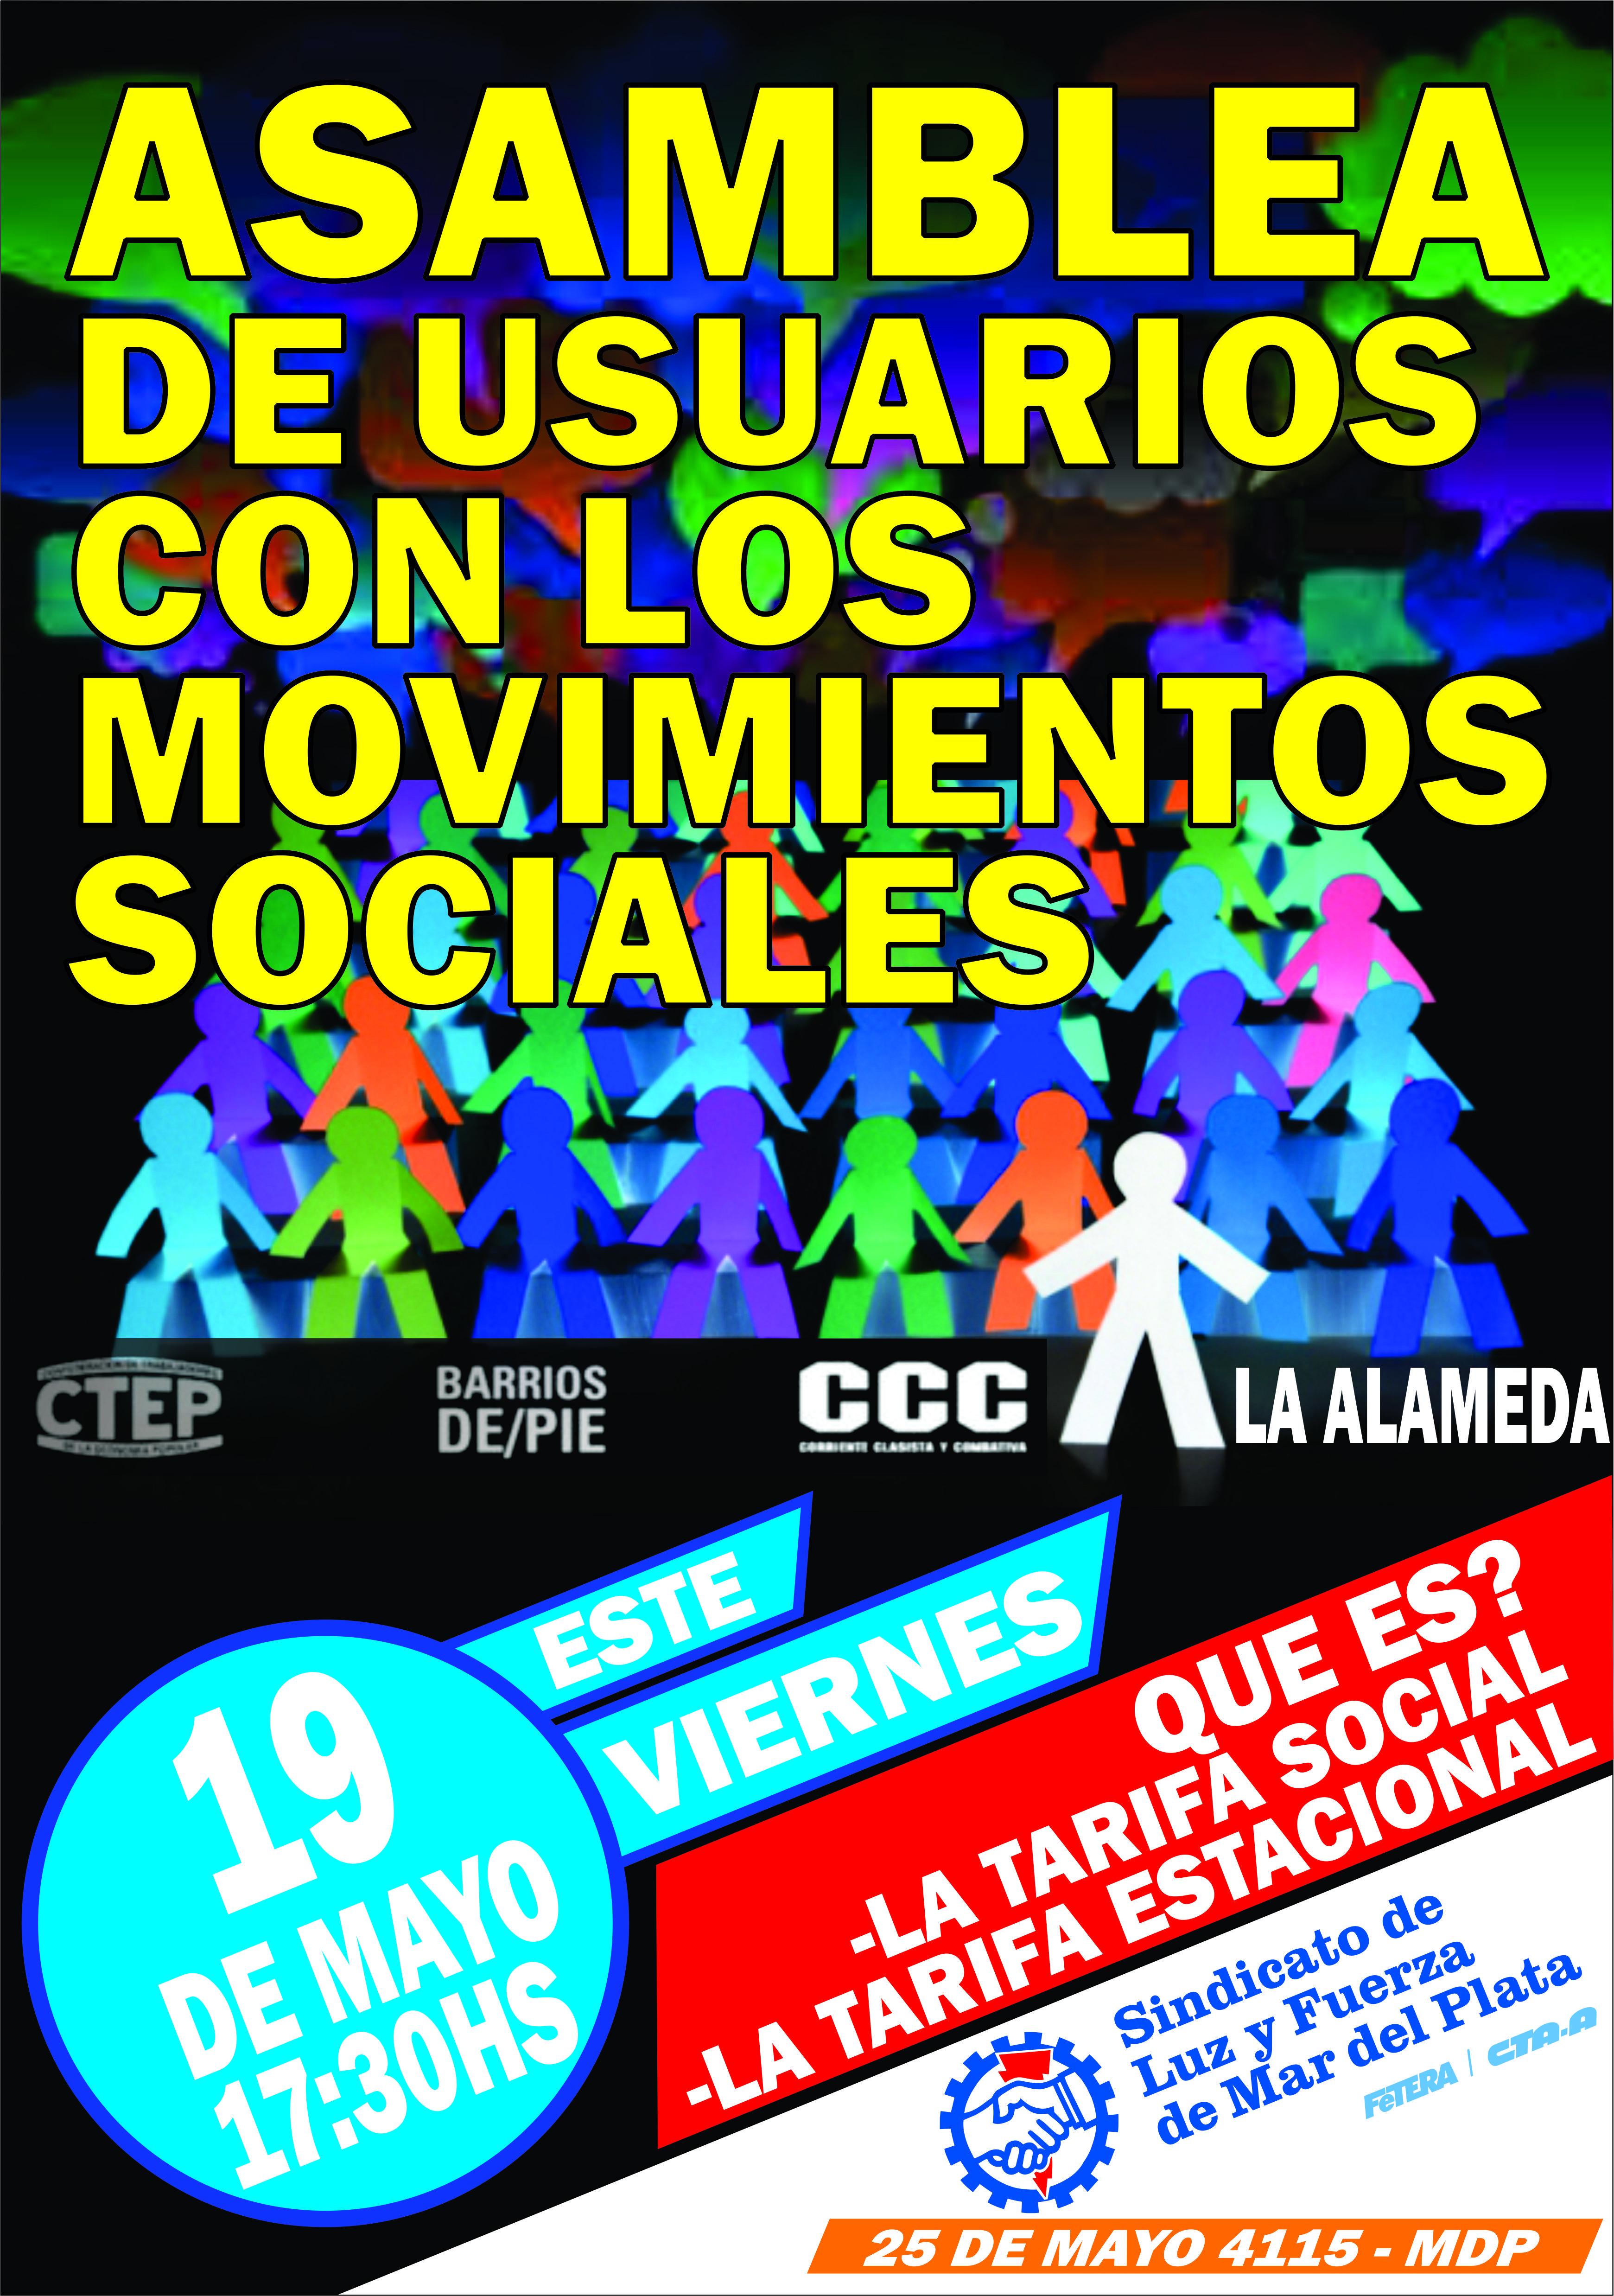 ASAMBLEA DE USUARIOS CON MOVIMIENTOS SOCIALES